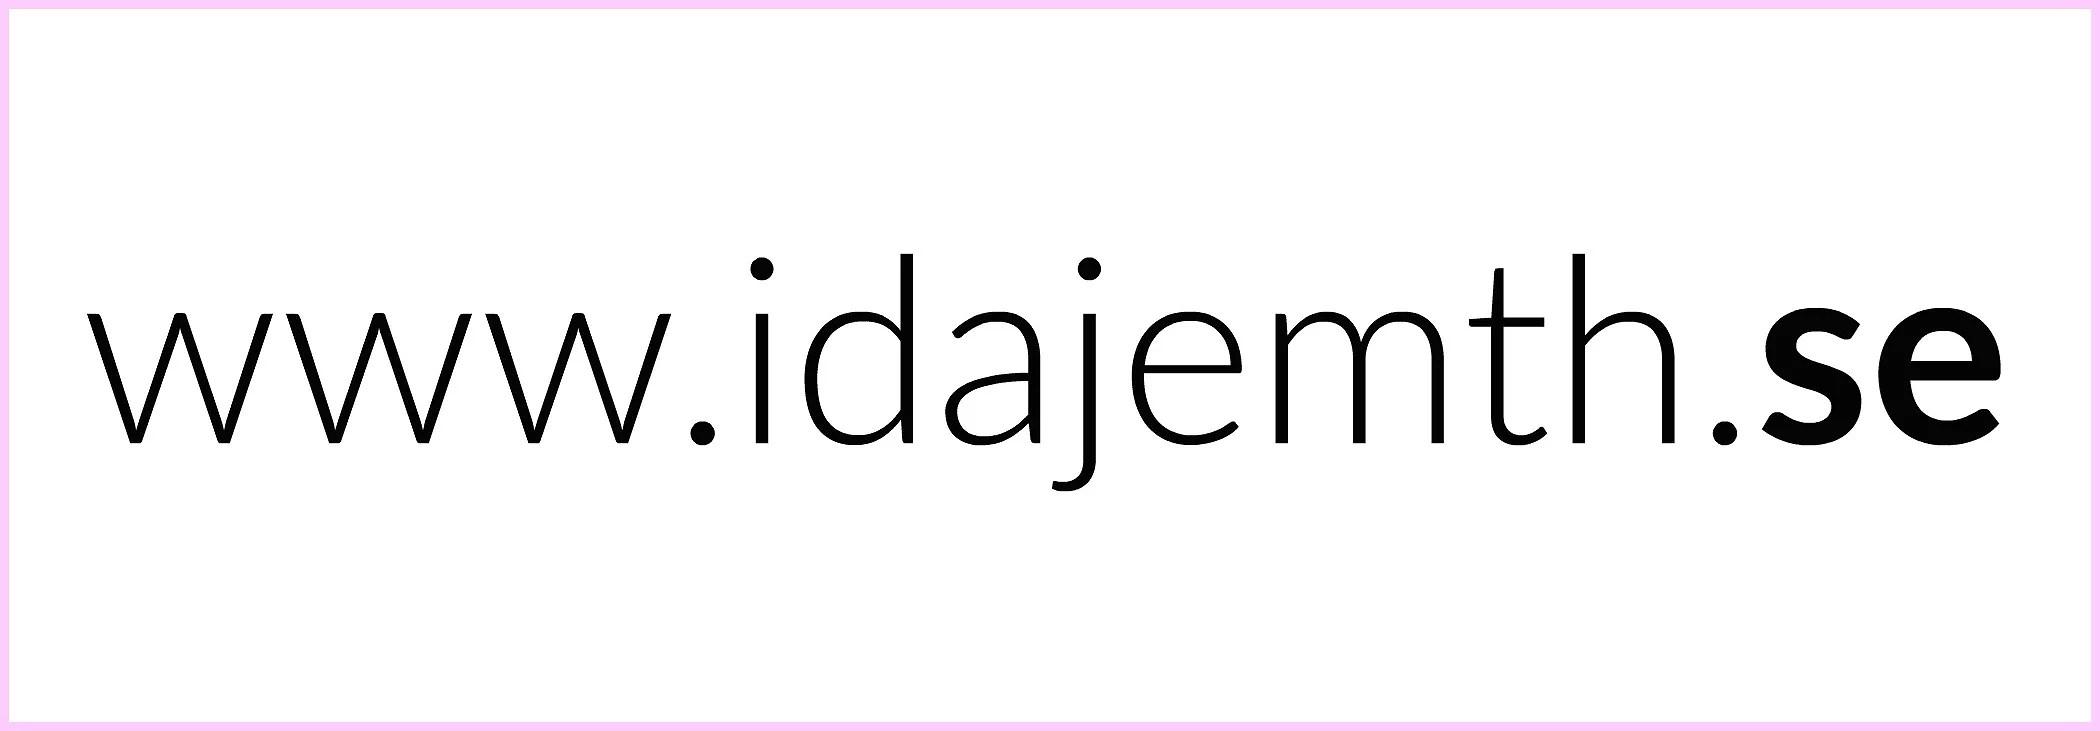 WWW.IDAJEMTH.SE